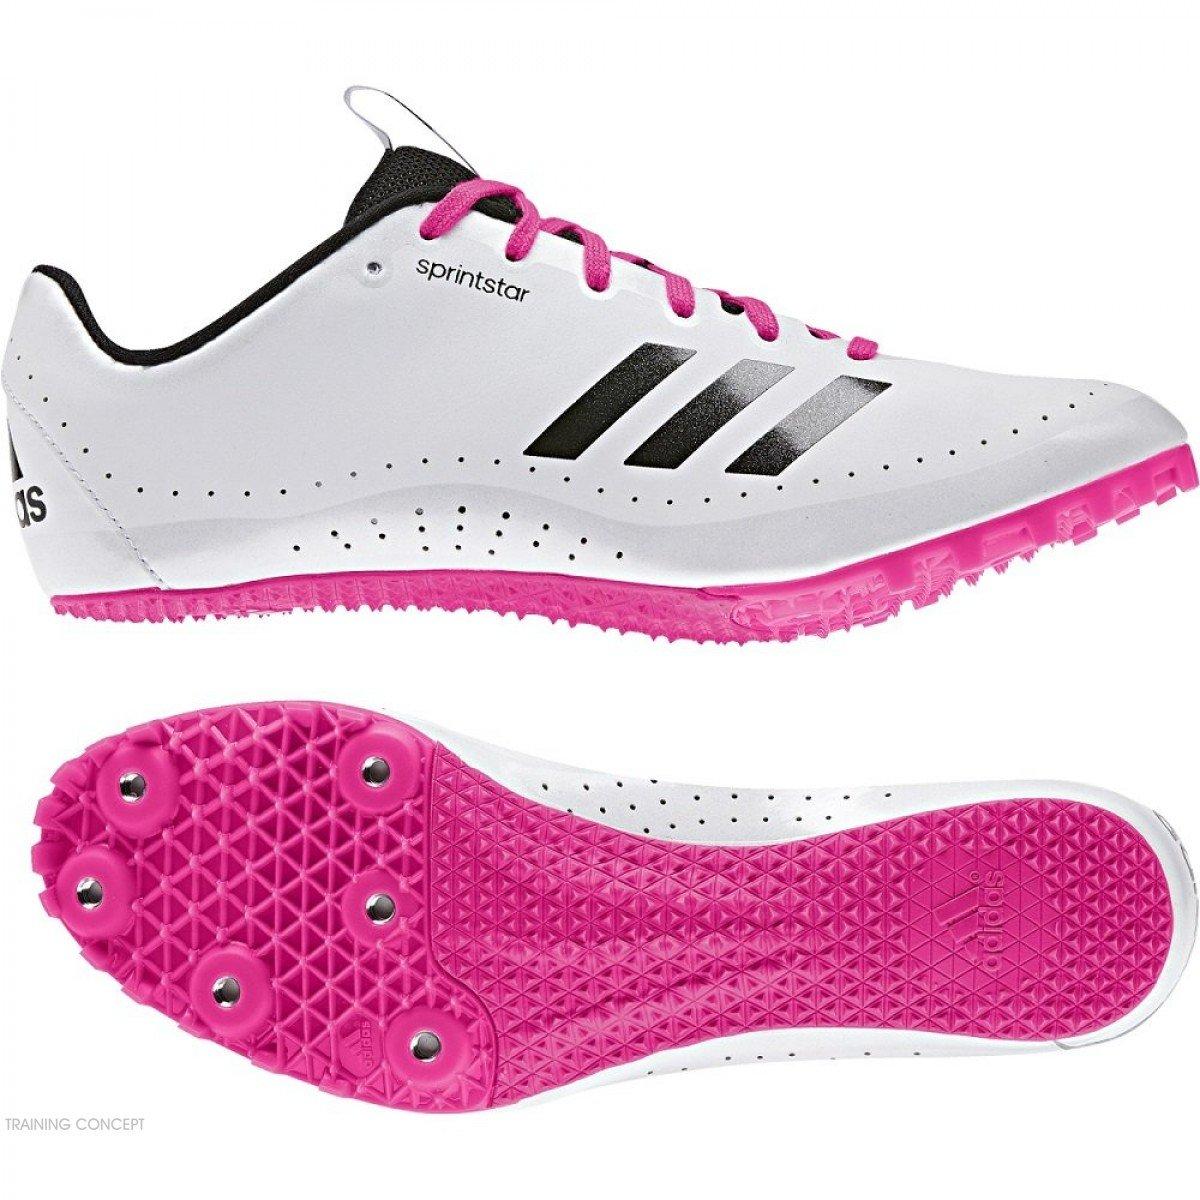 w adidas sprintstar bb5751